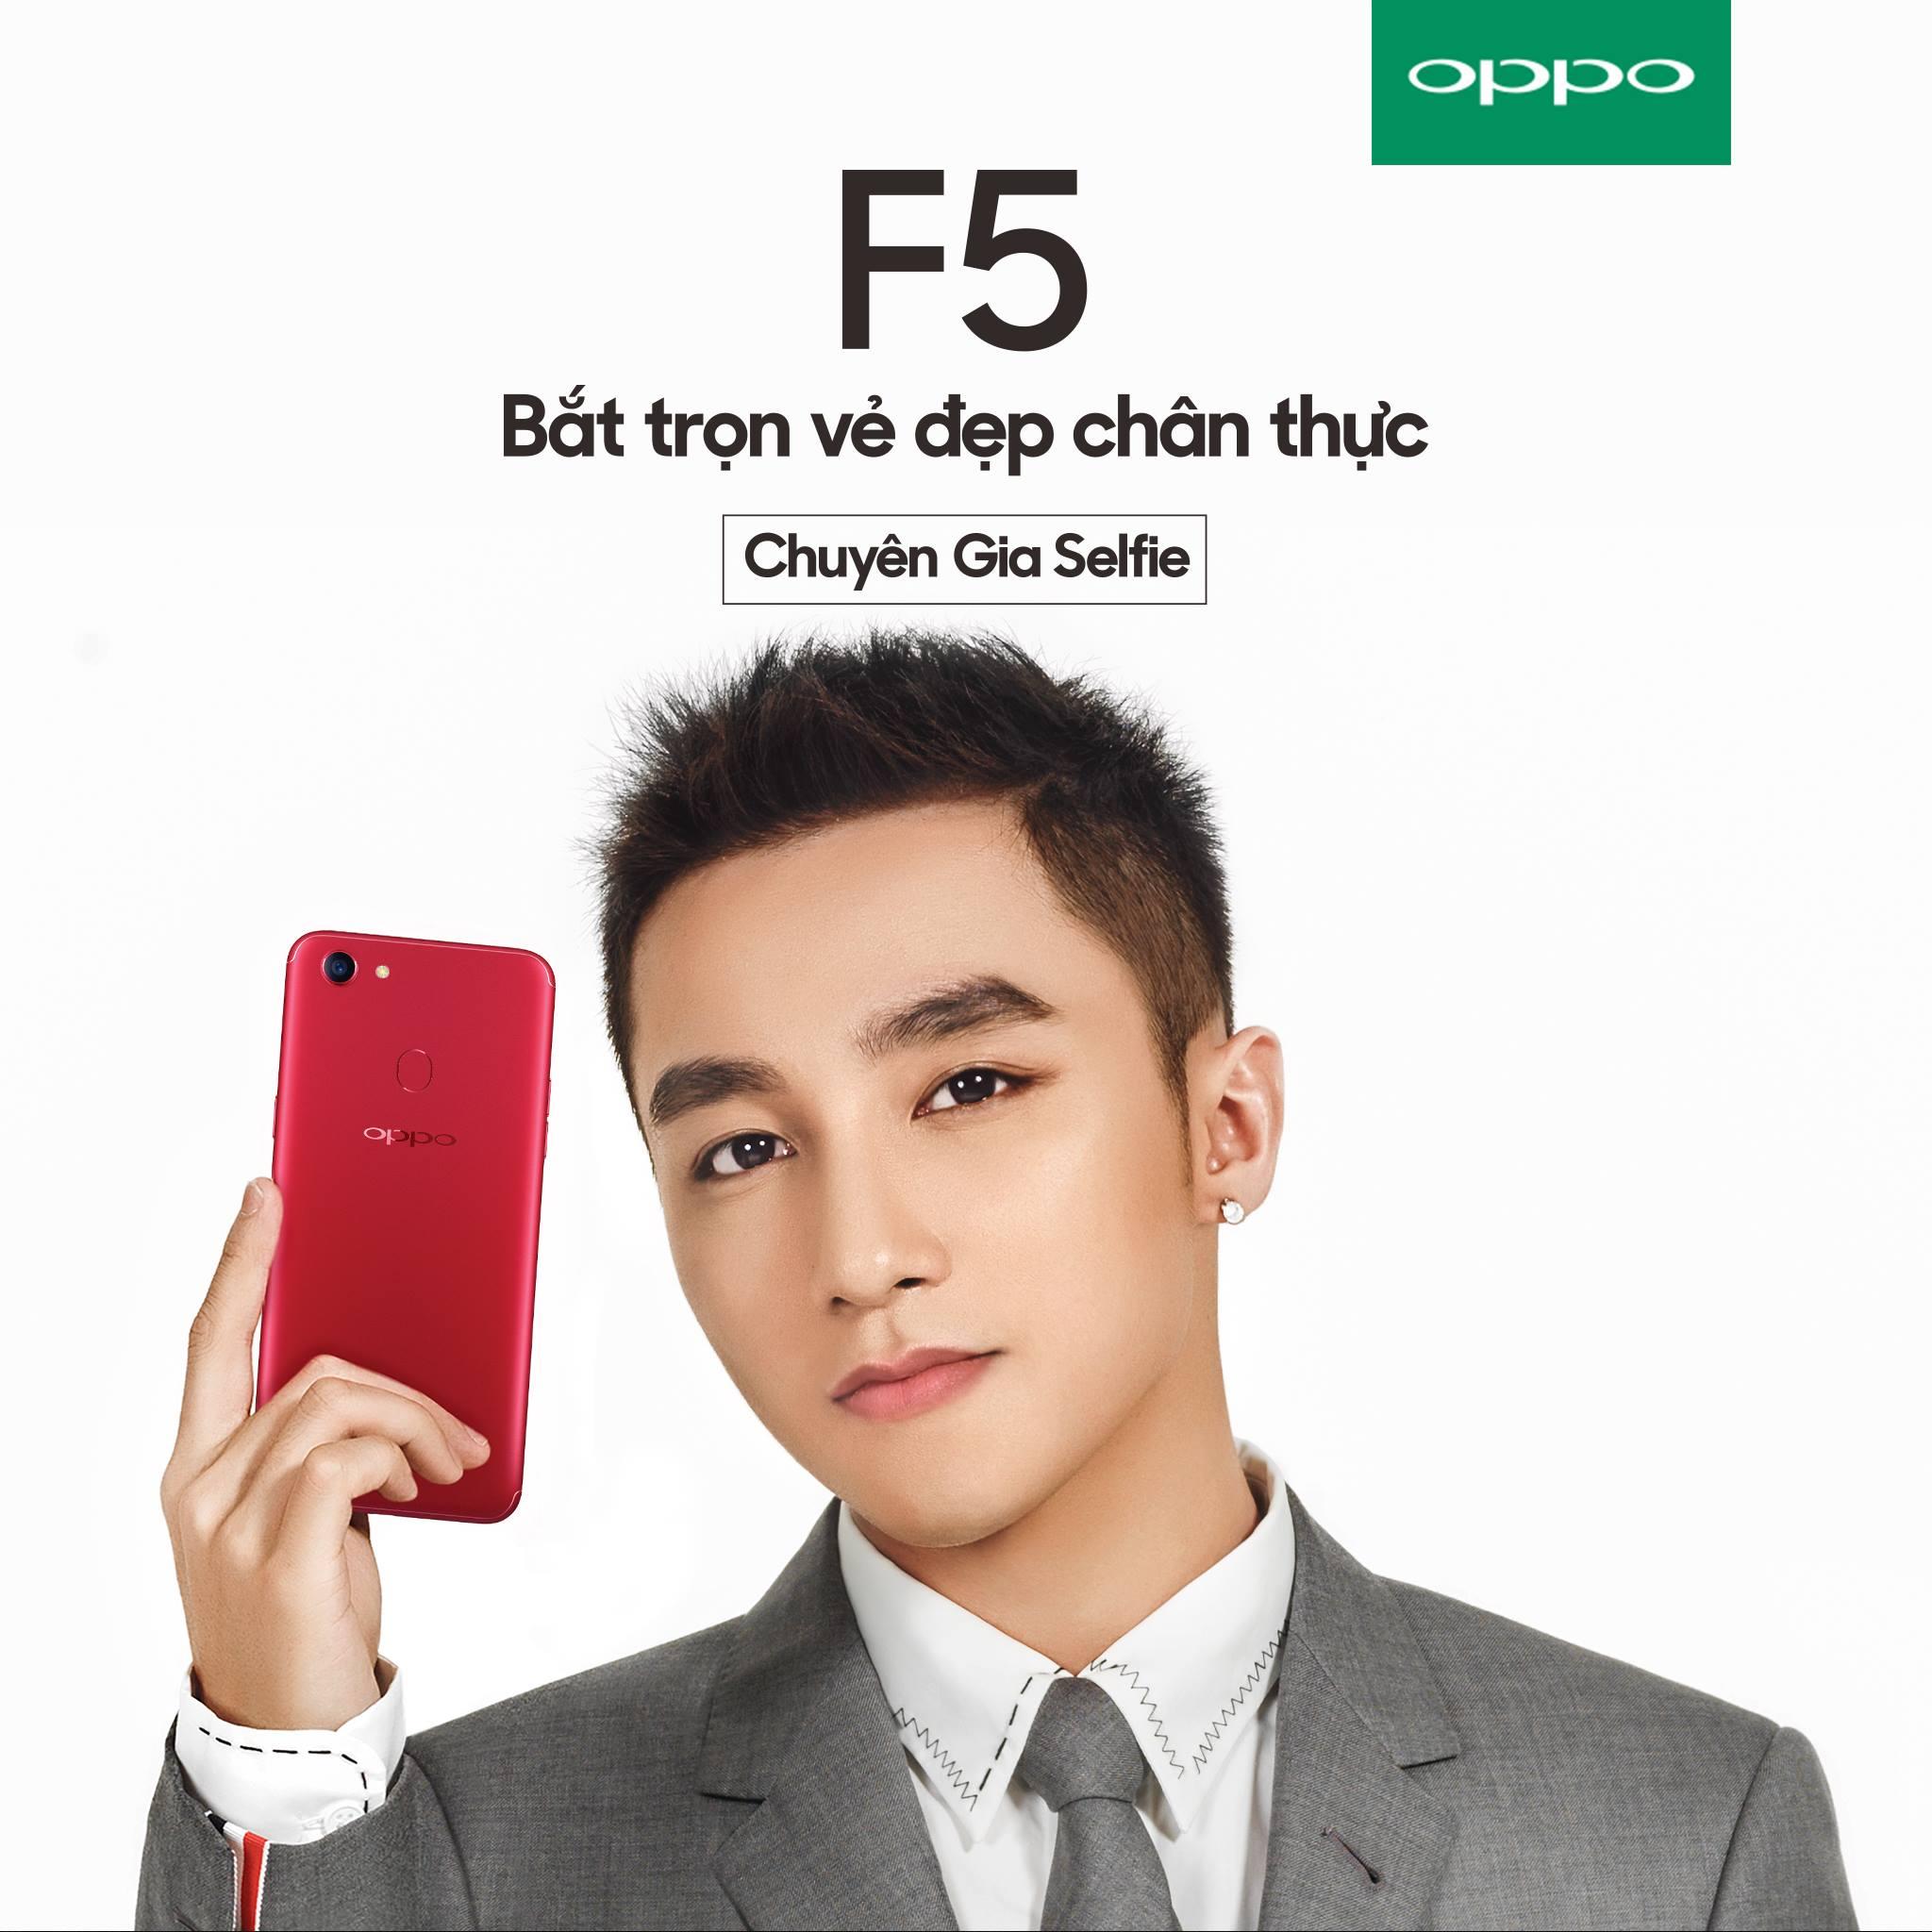 Oppo_F5.jpg